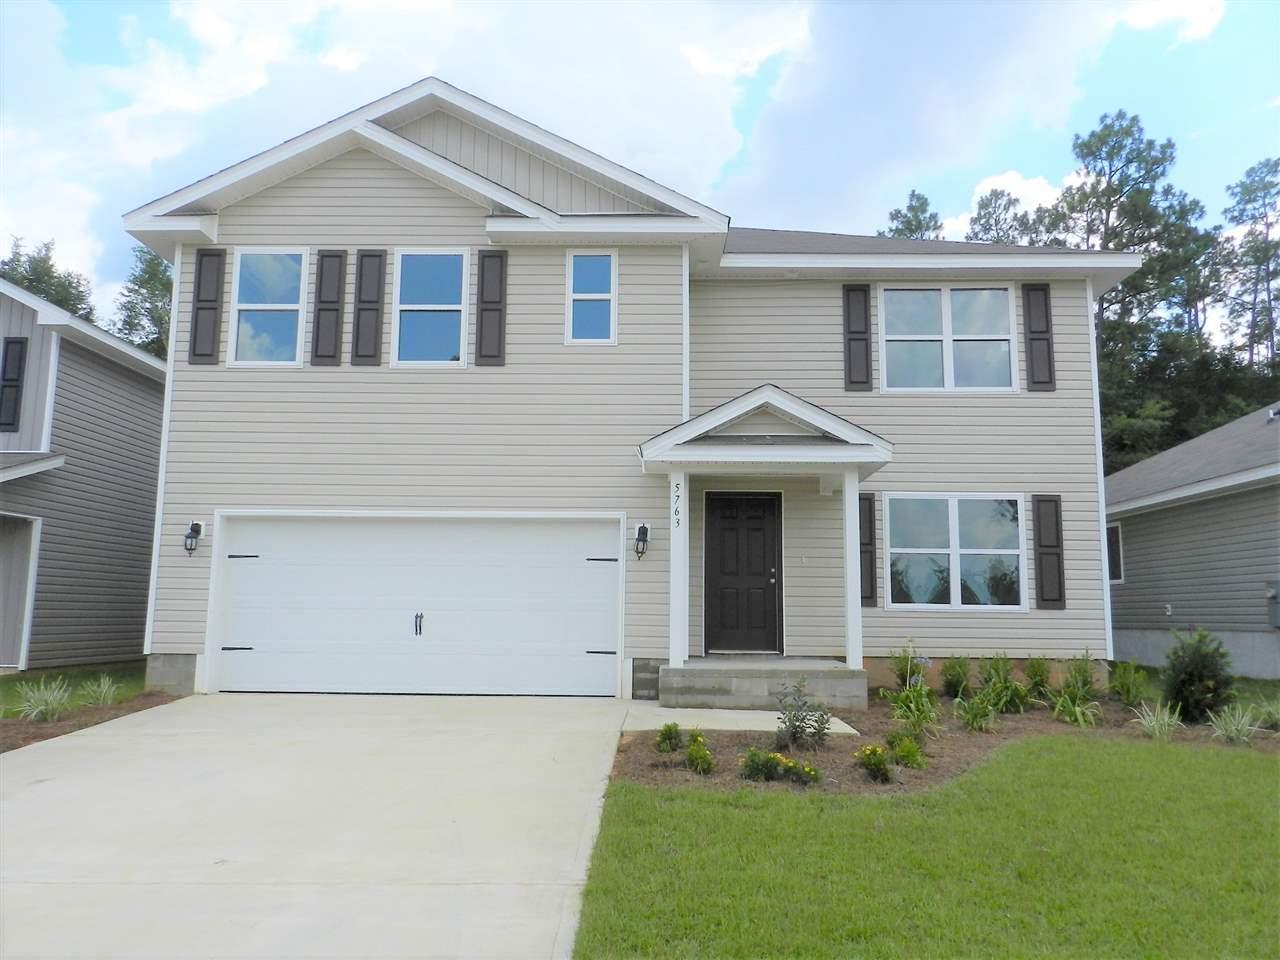 5792 Blackhorse Cir, Pensacola, FL 32526